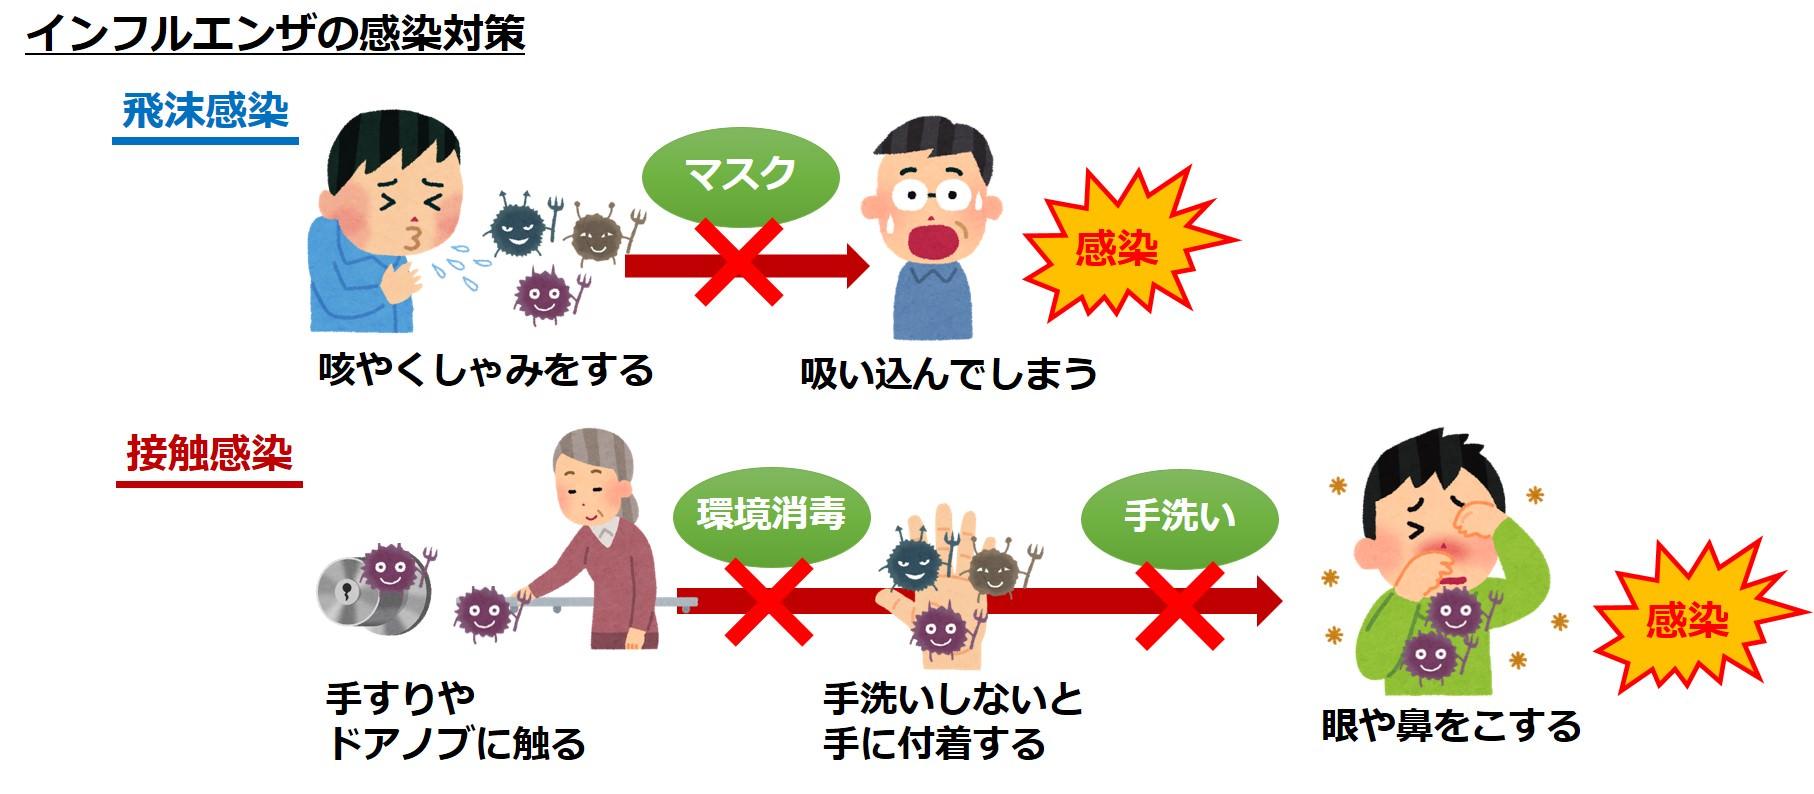 インフルエンザ感染対策